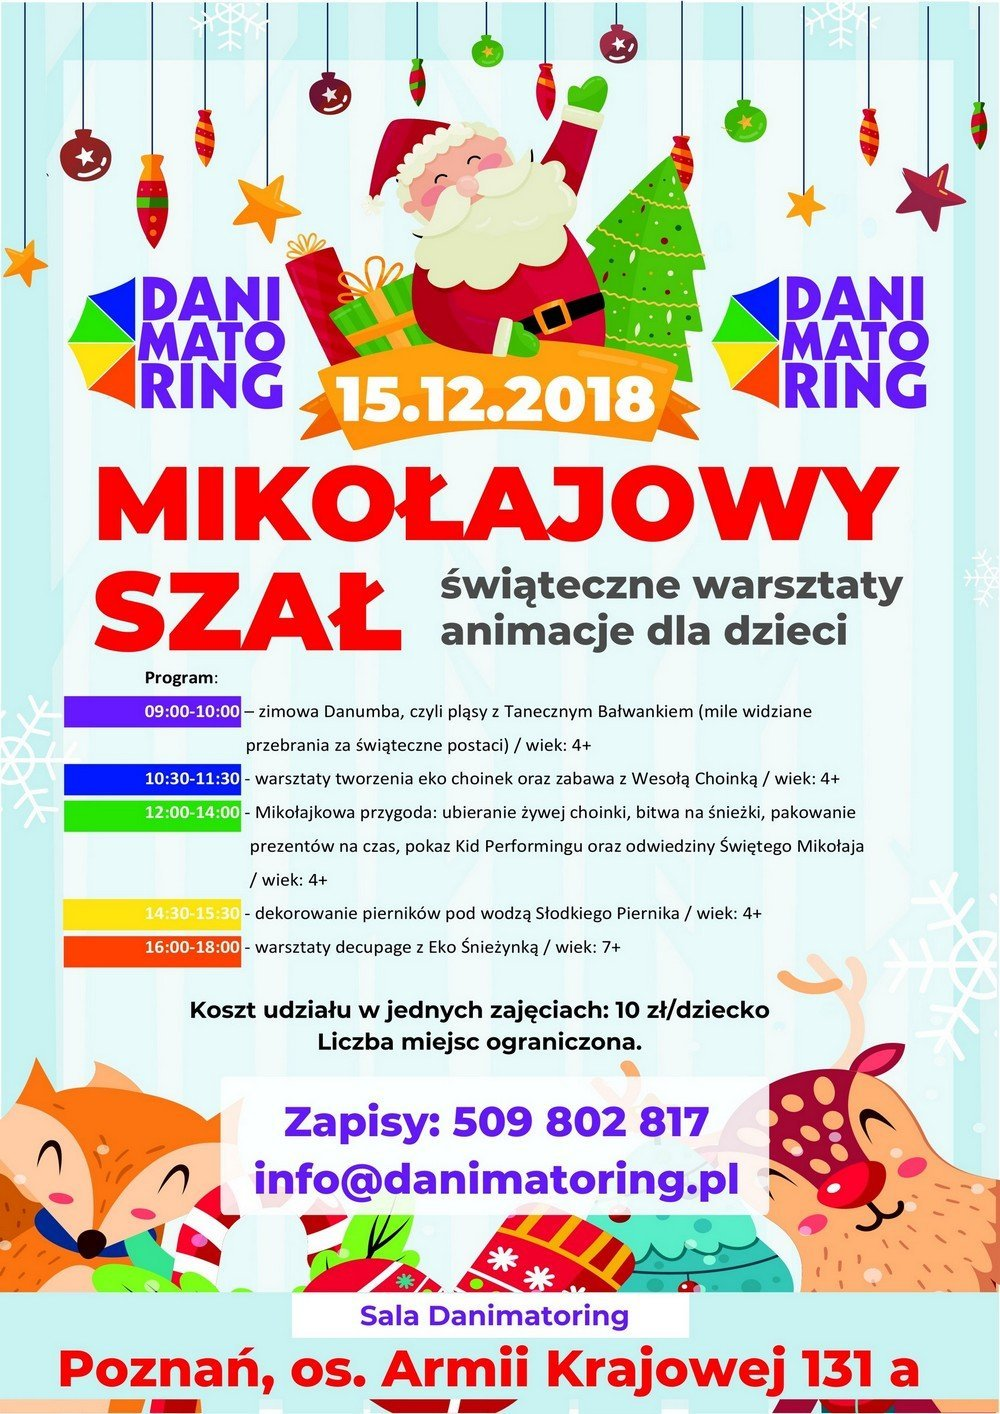 plakat Mikołajowy 2018 3